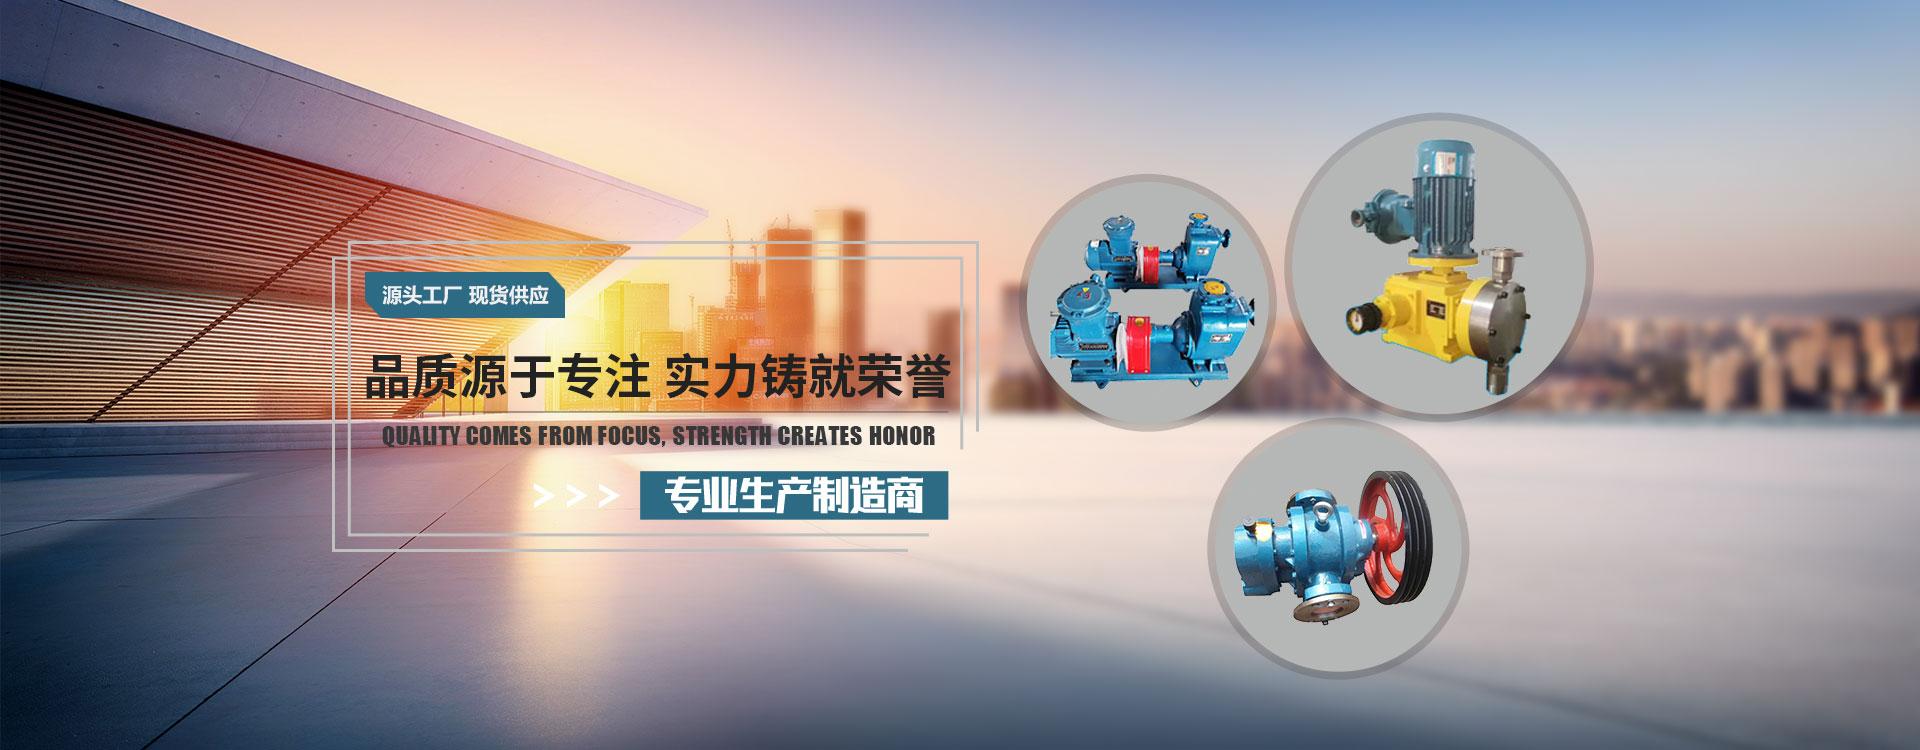 沈阳恒盛泵业有限公司